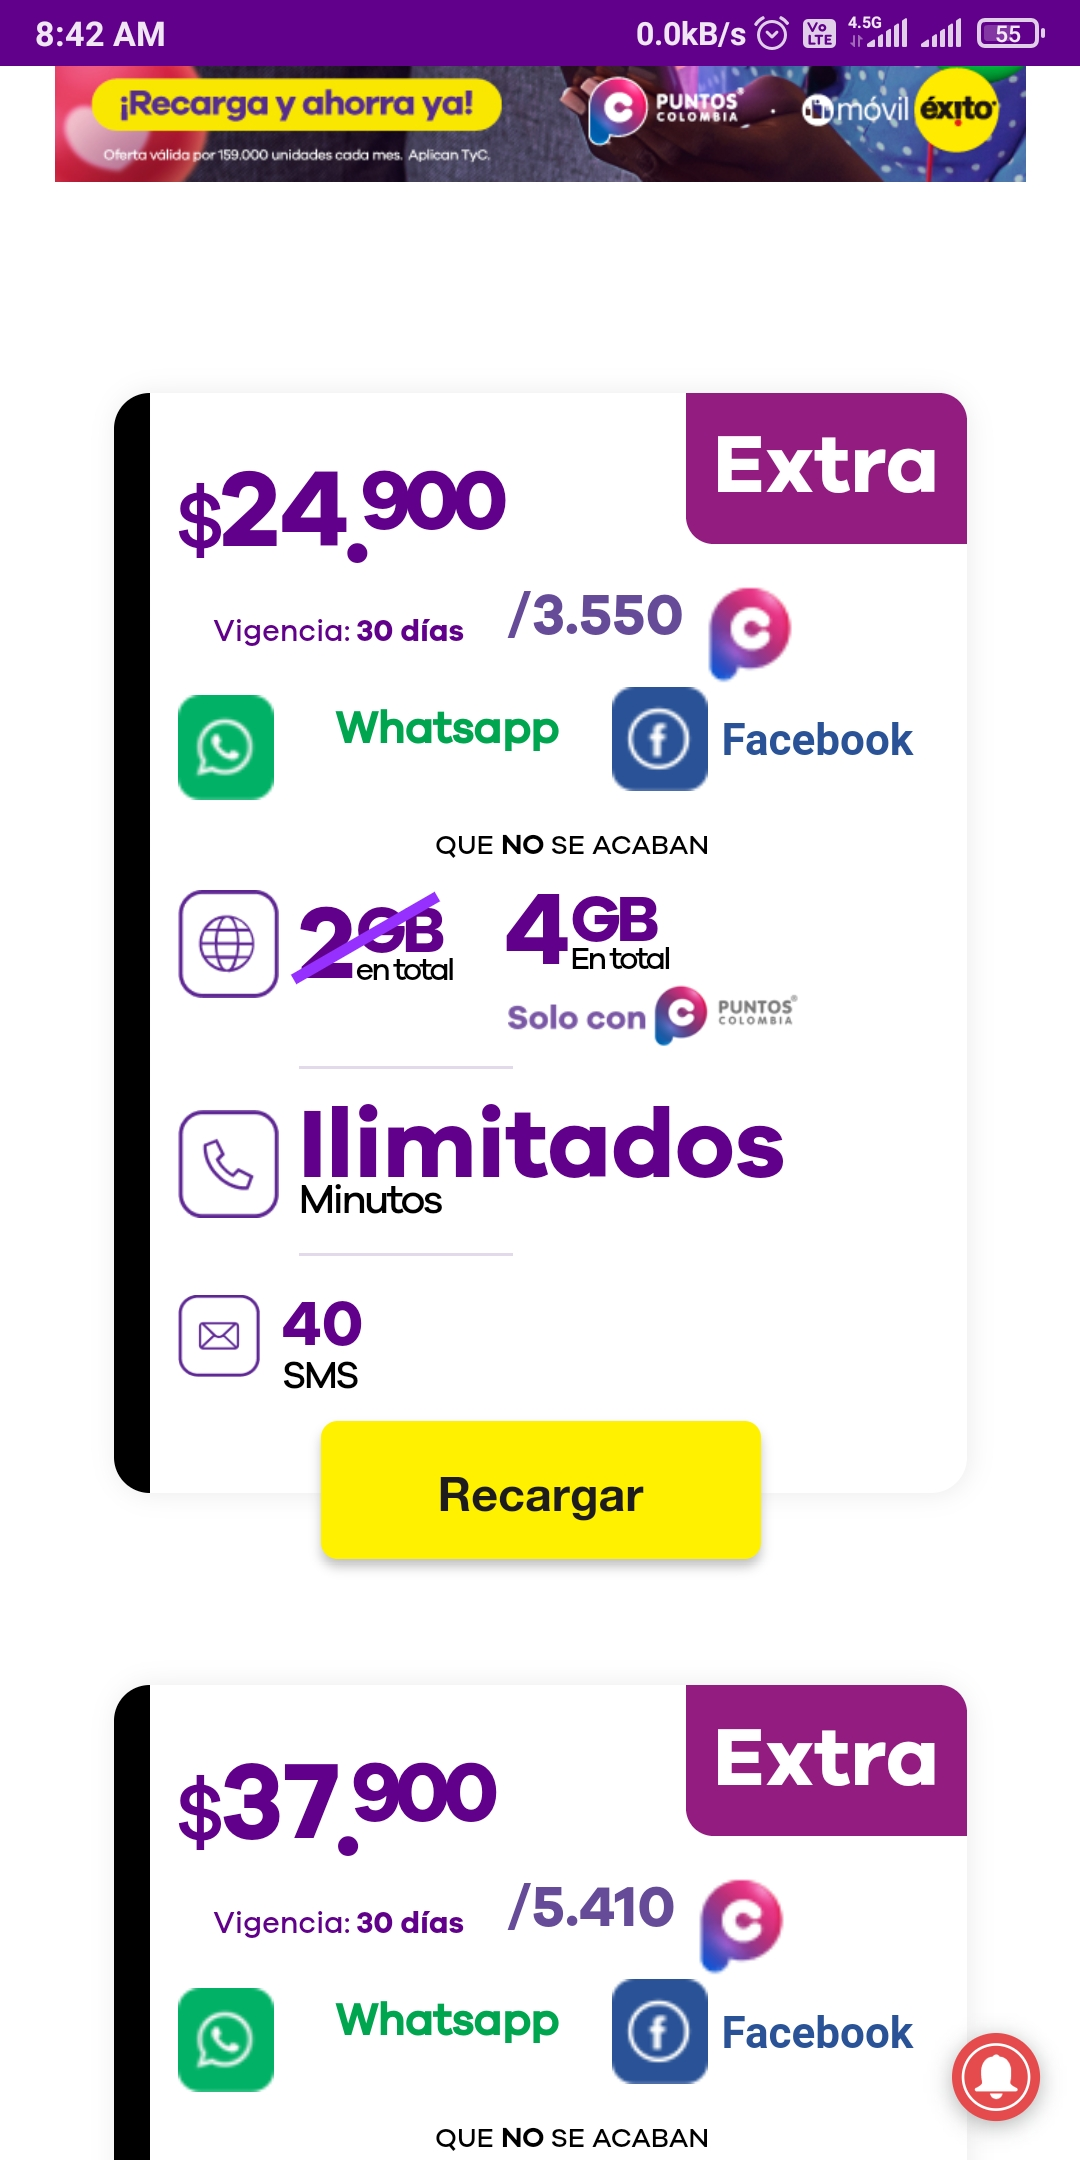 Screenshot_2021-01-25-08-42-25-949_com.android.chrome.jpg